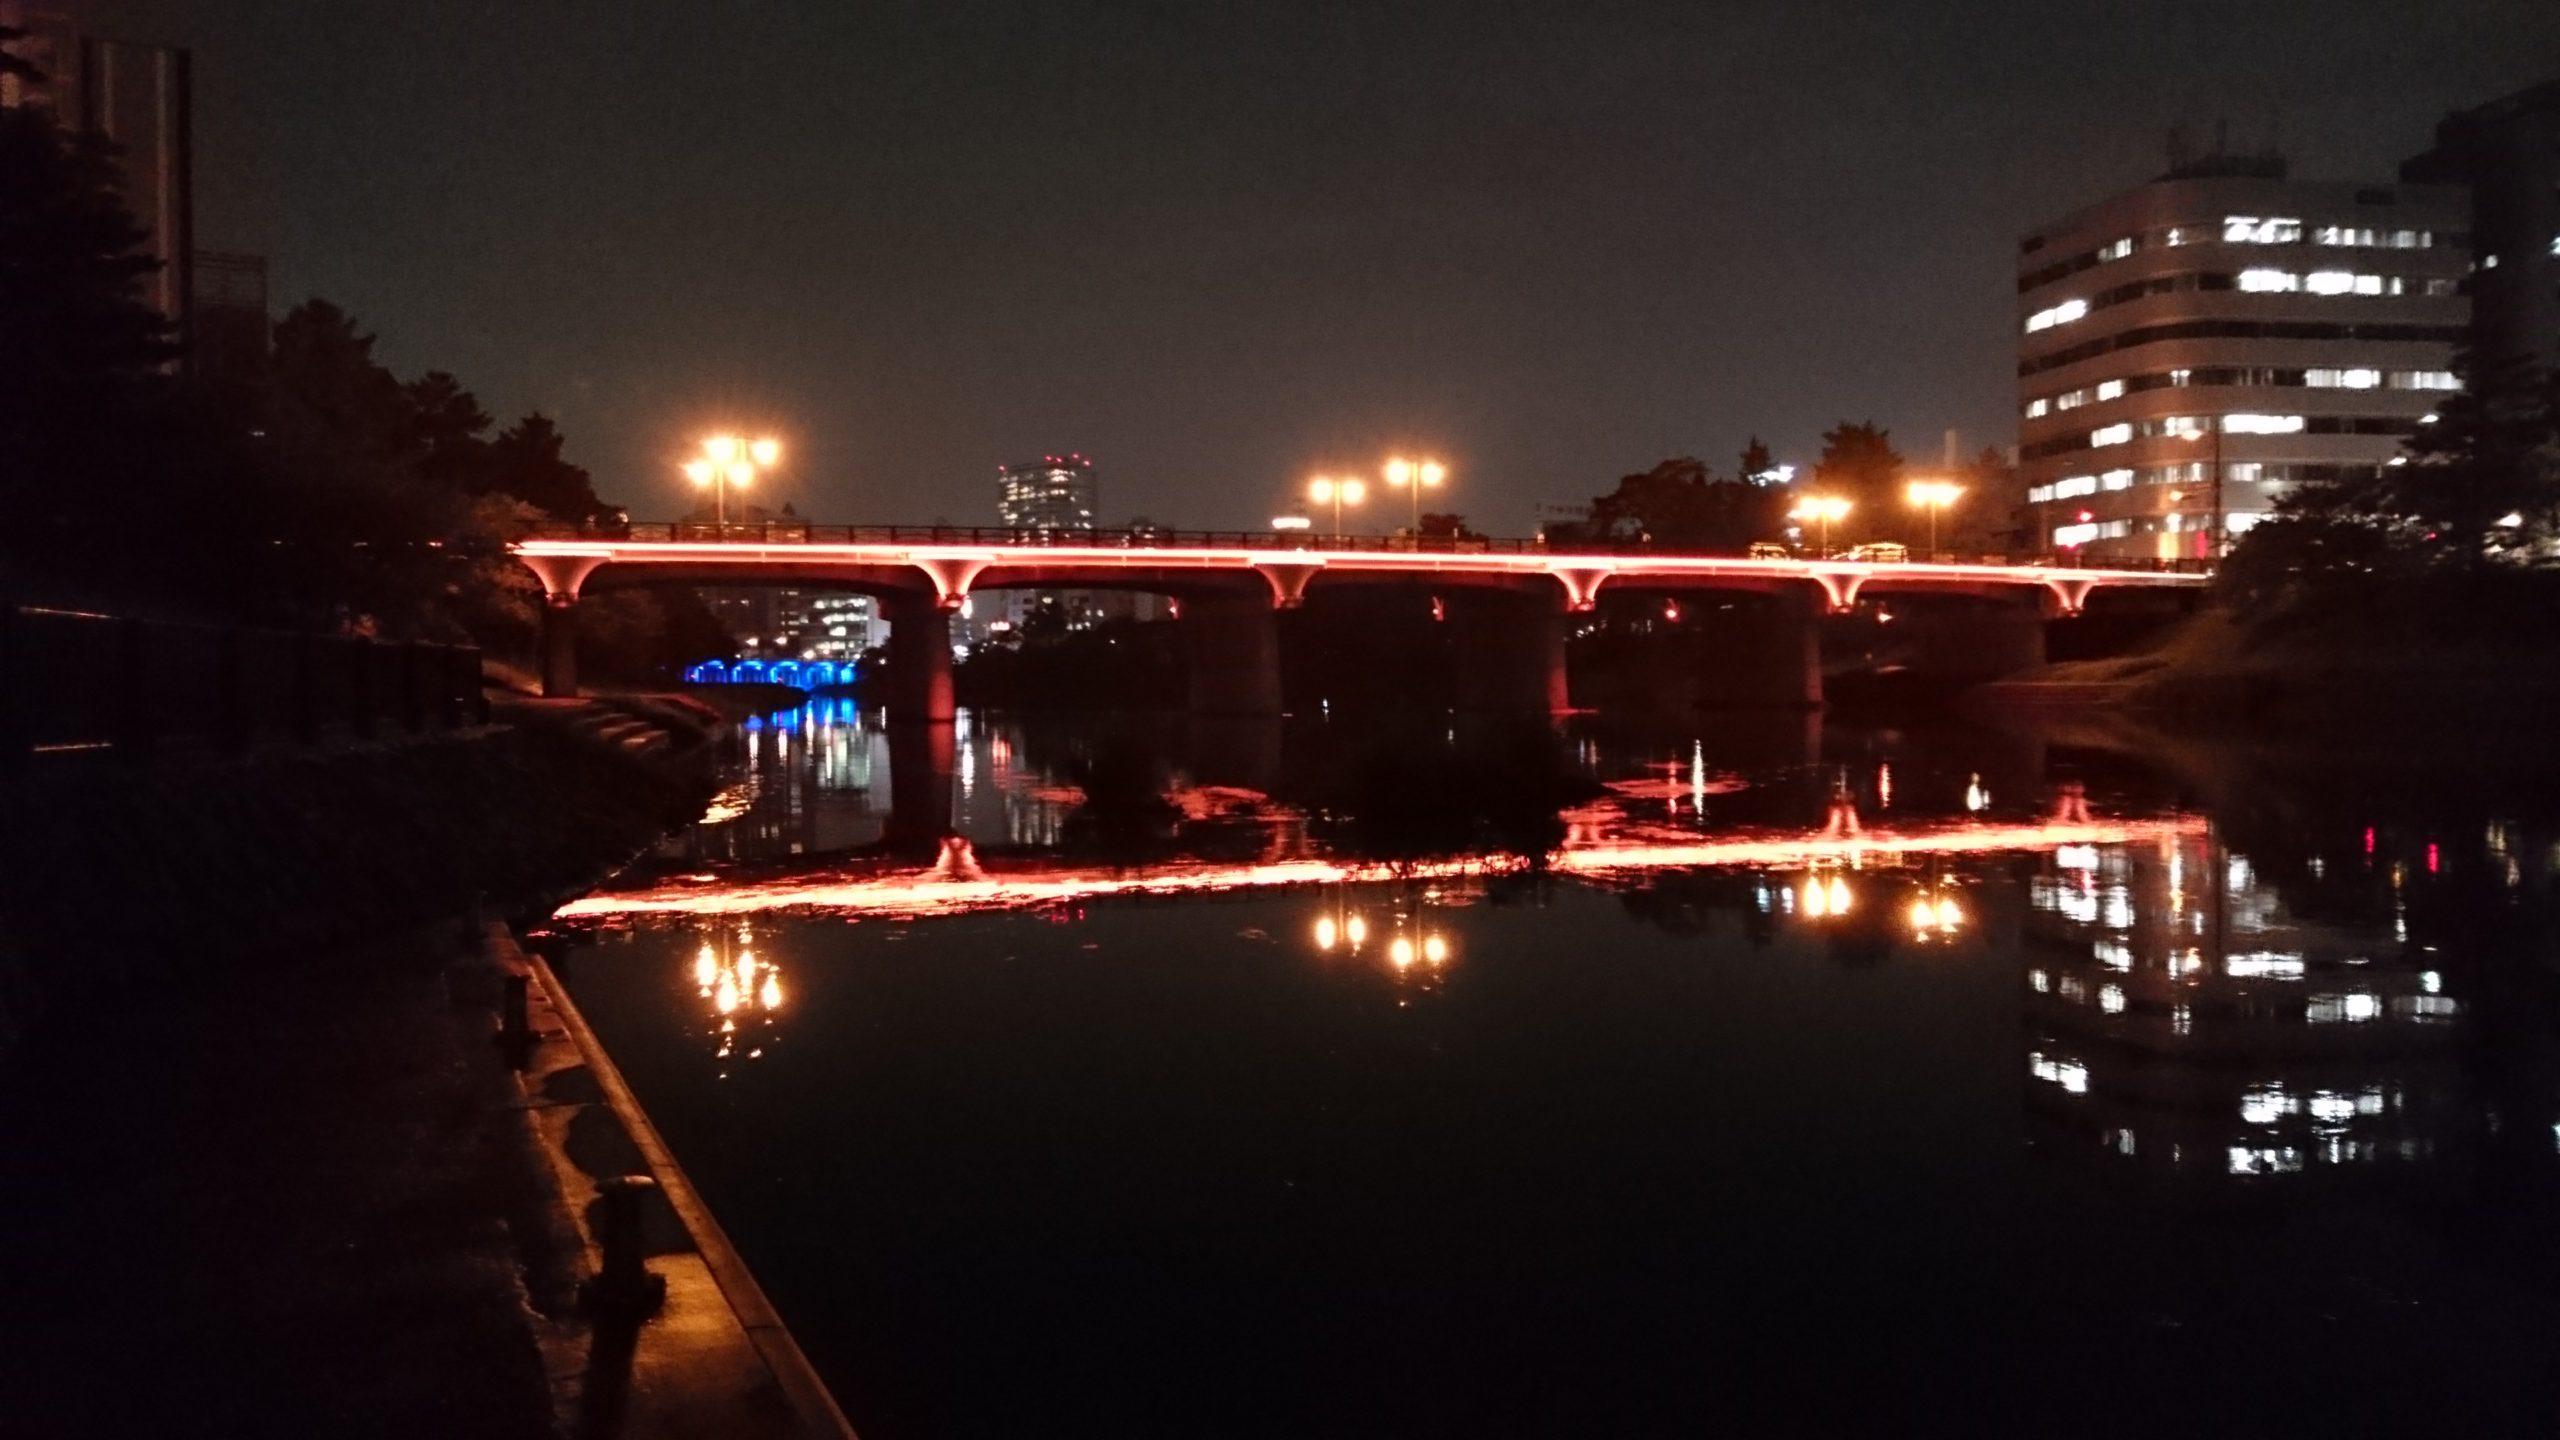 明代橋・乙川の夜景|9月のラインナップ|イメージ写真